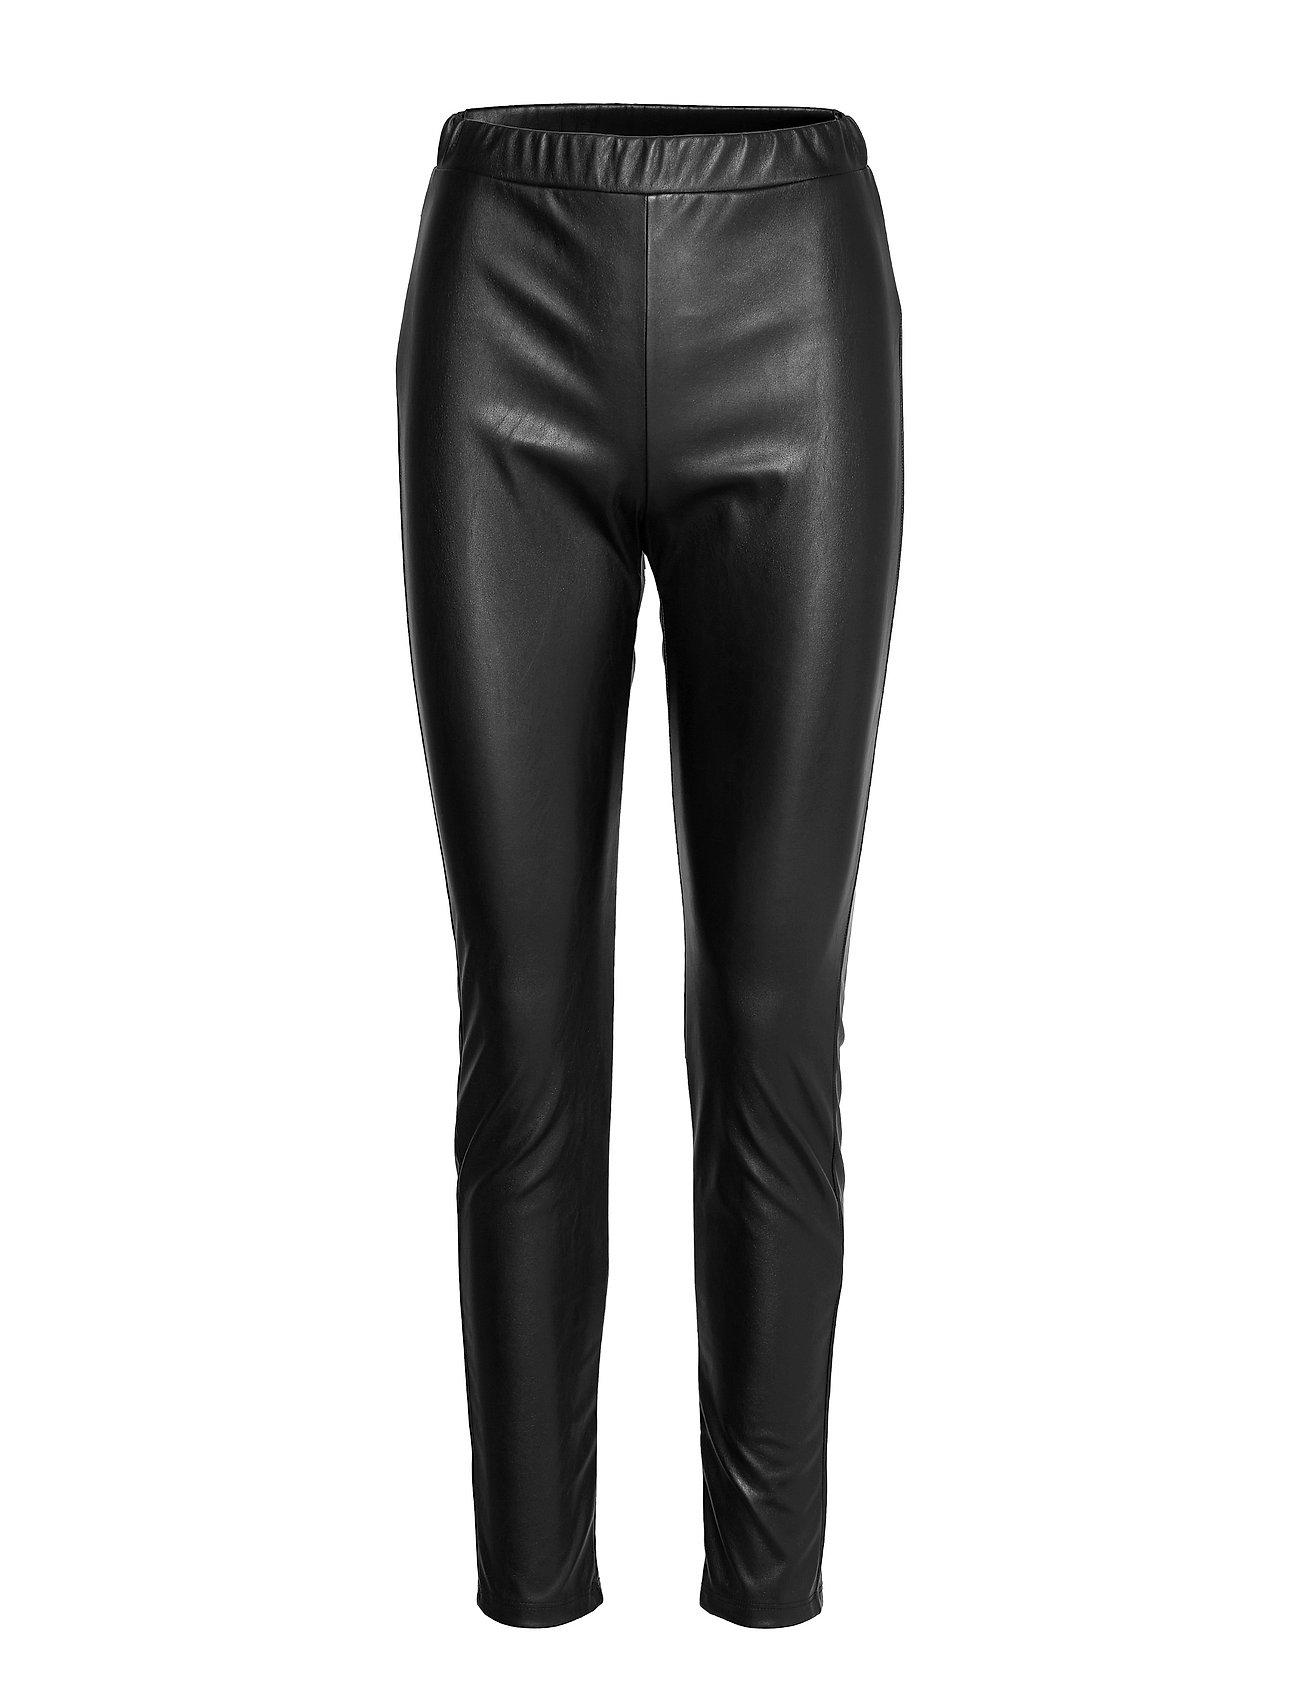 Ranghi Leather Leggings/Bukser Sort Max Mara Leisure